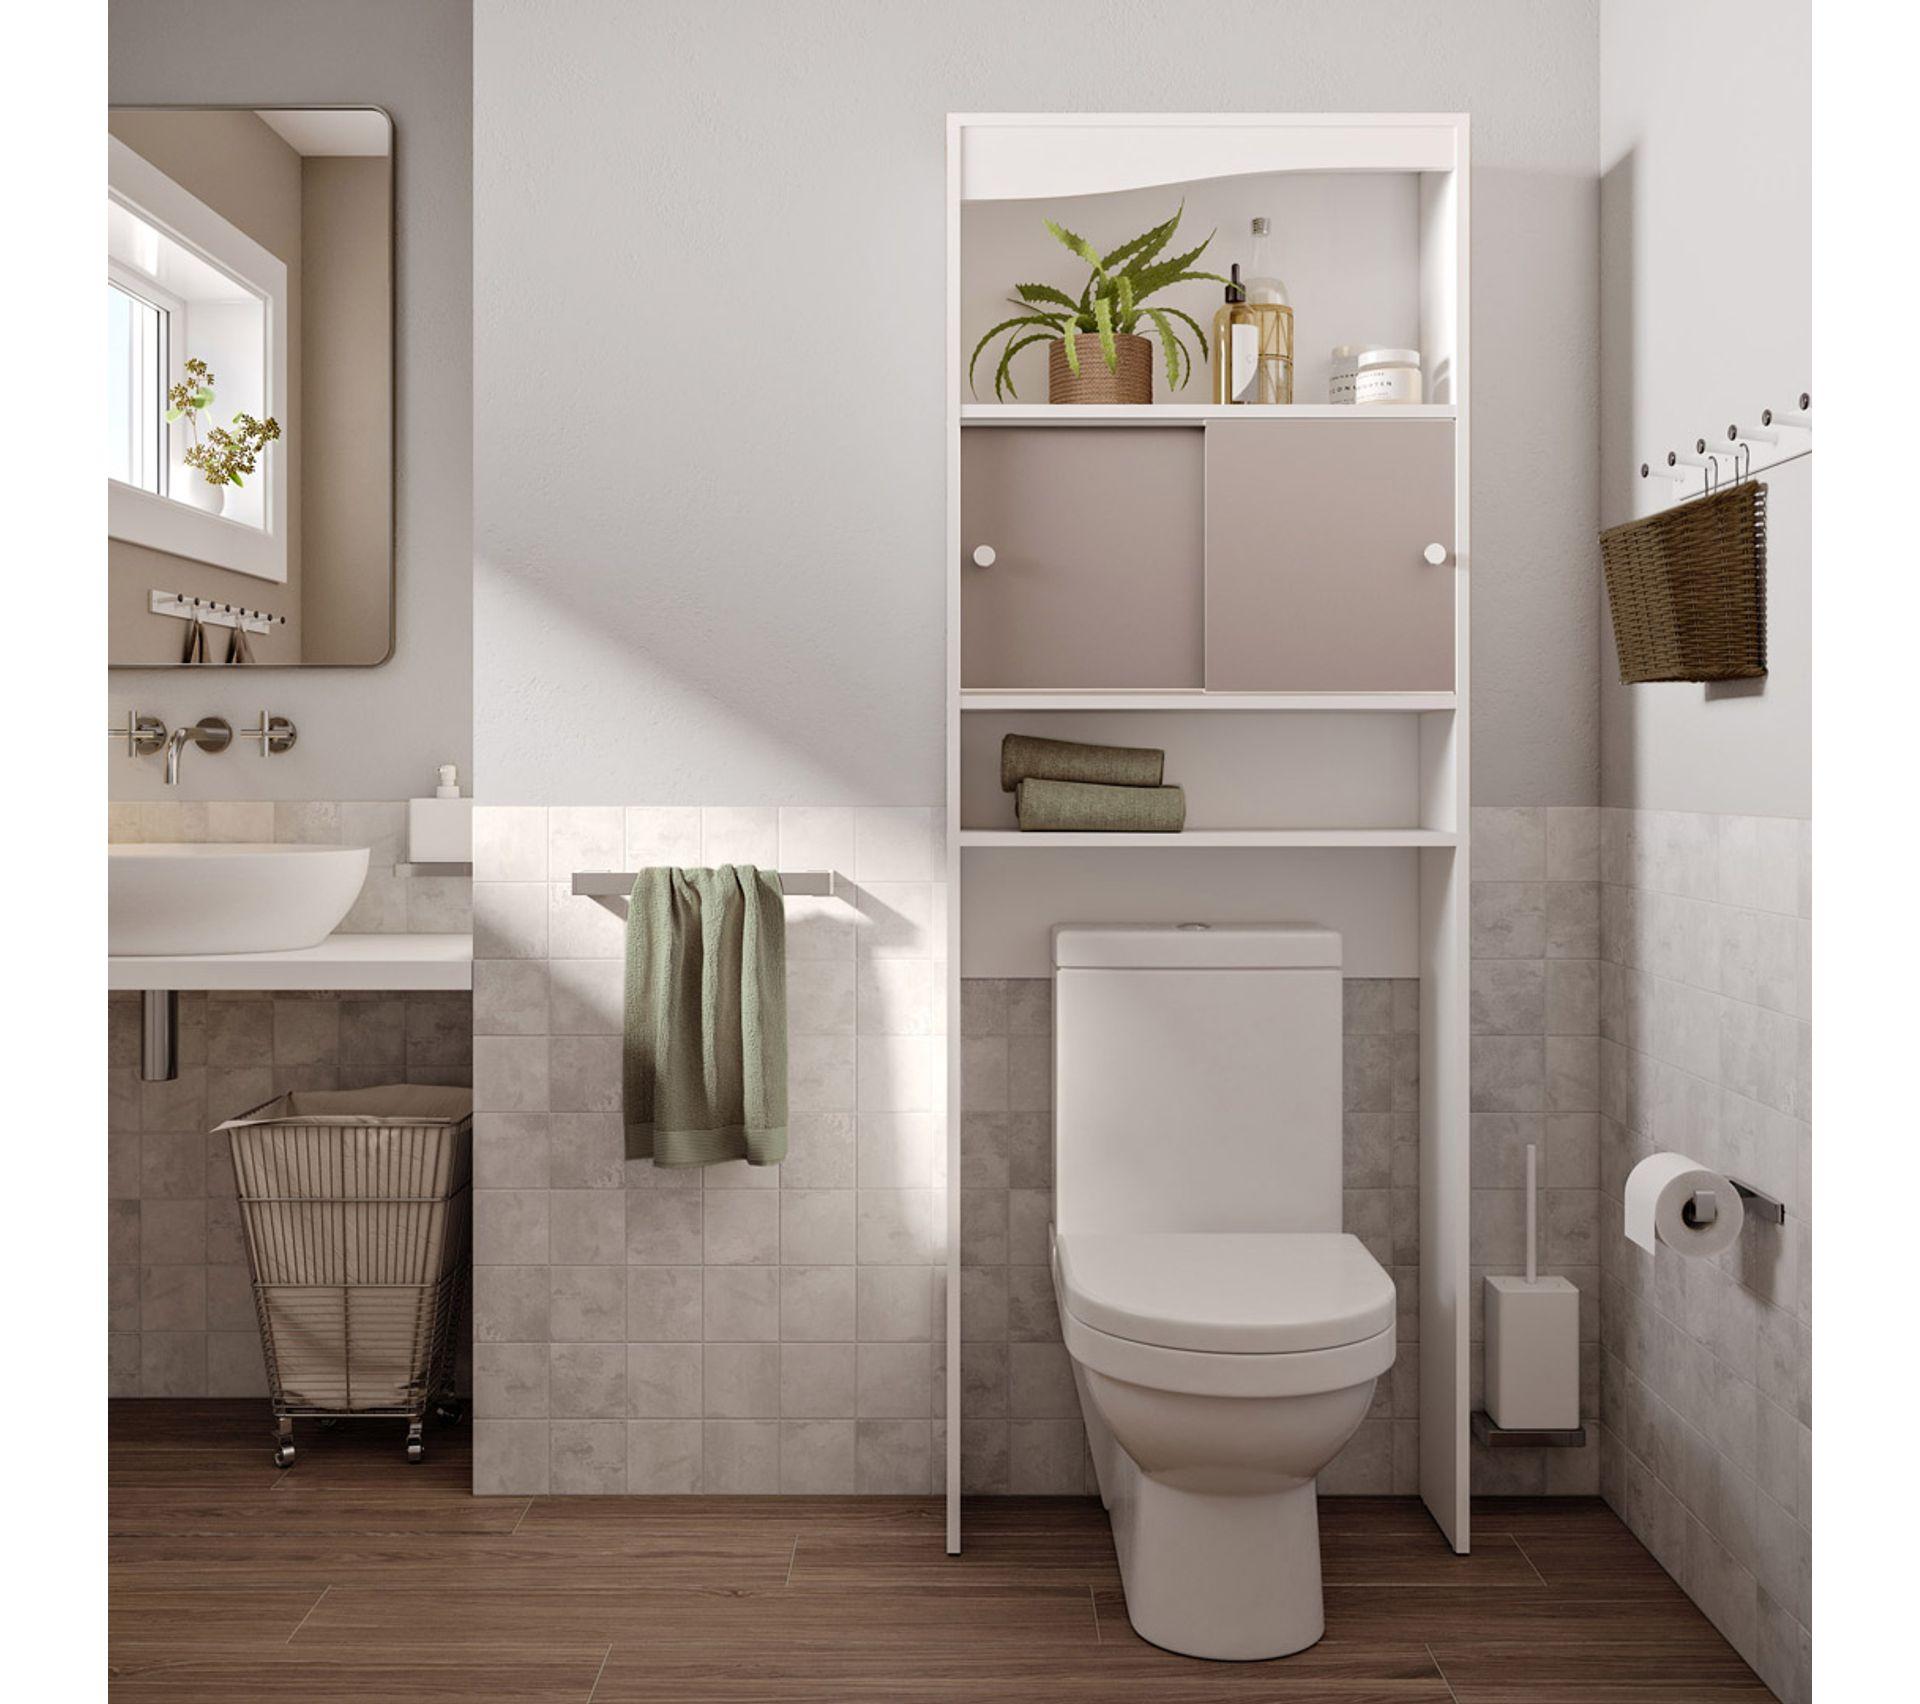 meuble wc ou machine a laver l 64 cm  blanc et taupe mat